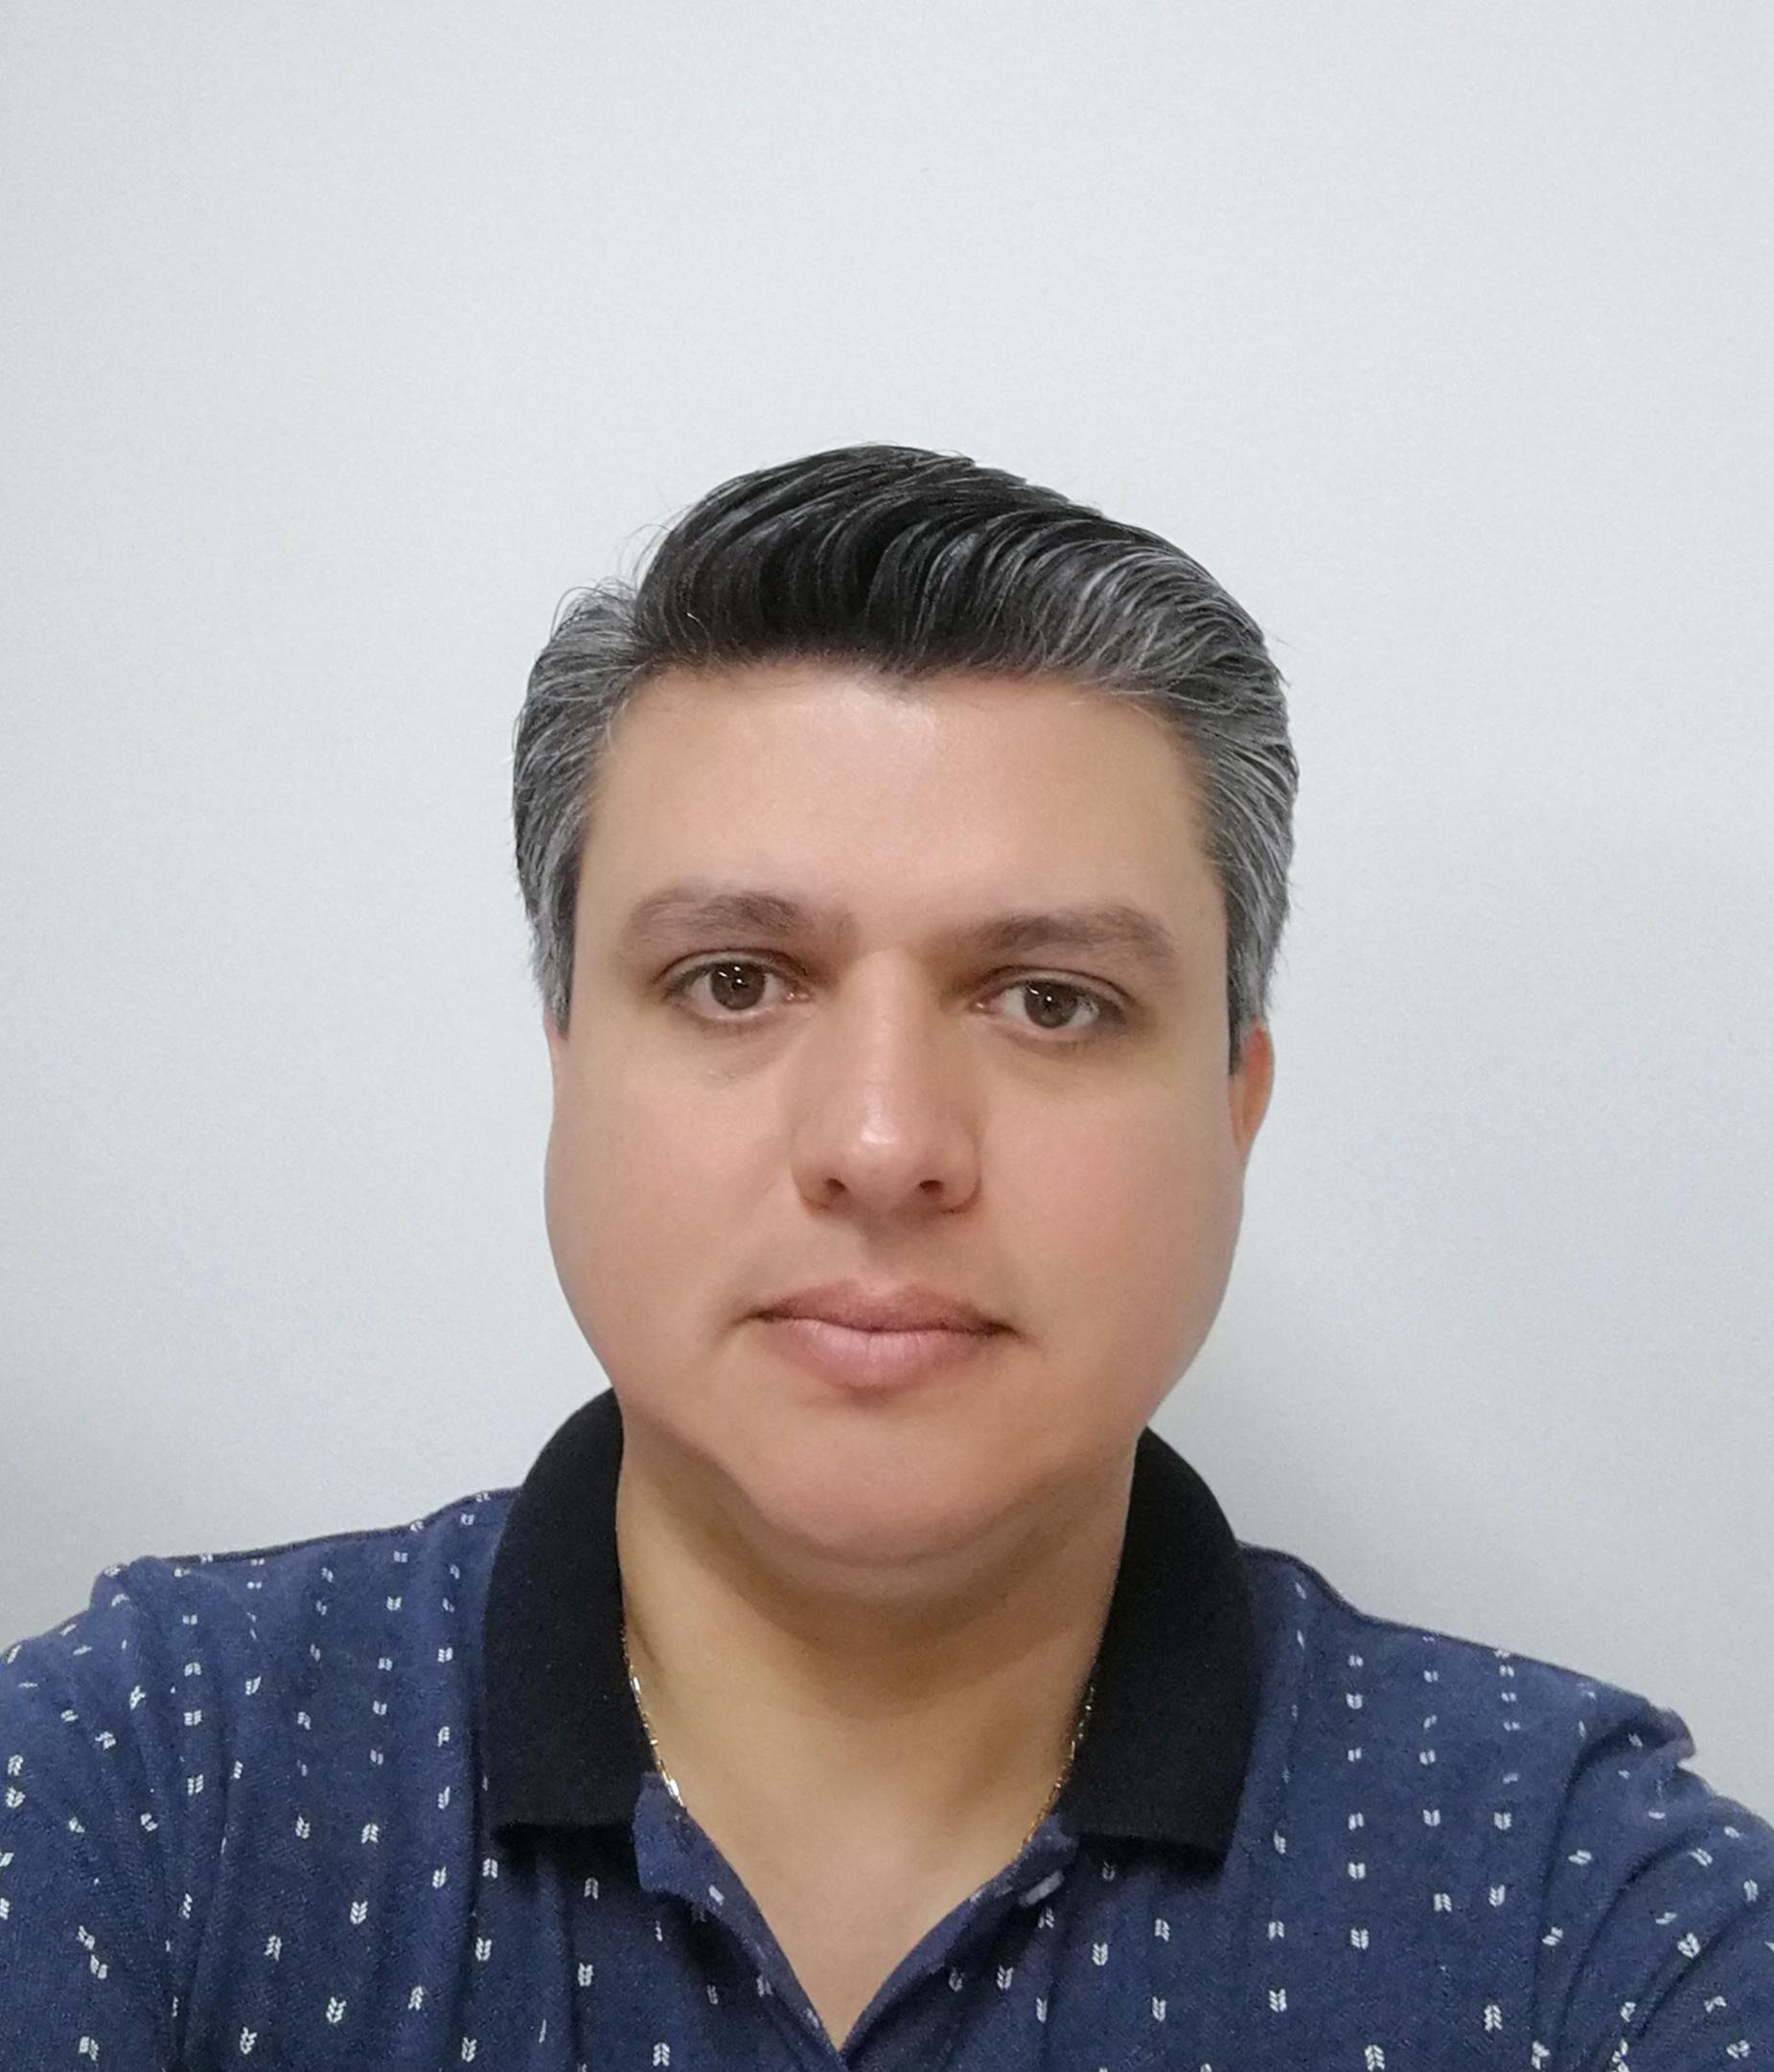 Luis Diego Hidalgo Pereira